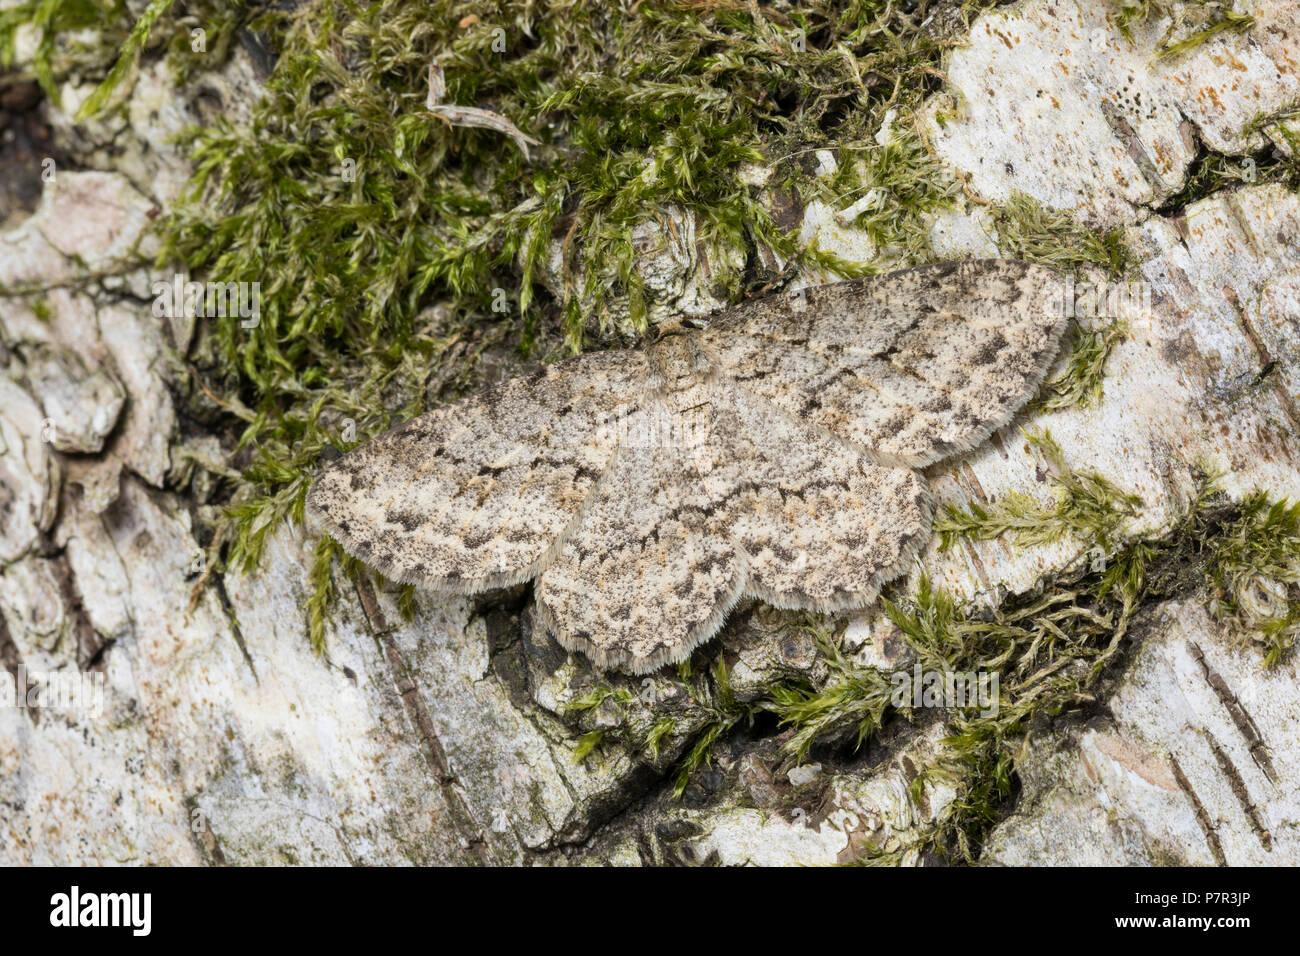 Zackenbindiger Rindenspanner, Pflaumenspanner, Ectropis crepuscularia, Ectropis bistortata, Boarmia bistortata, Engrailed, Small Engrailed, Small Engr - Stock Image